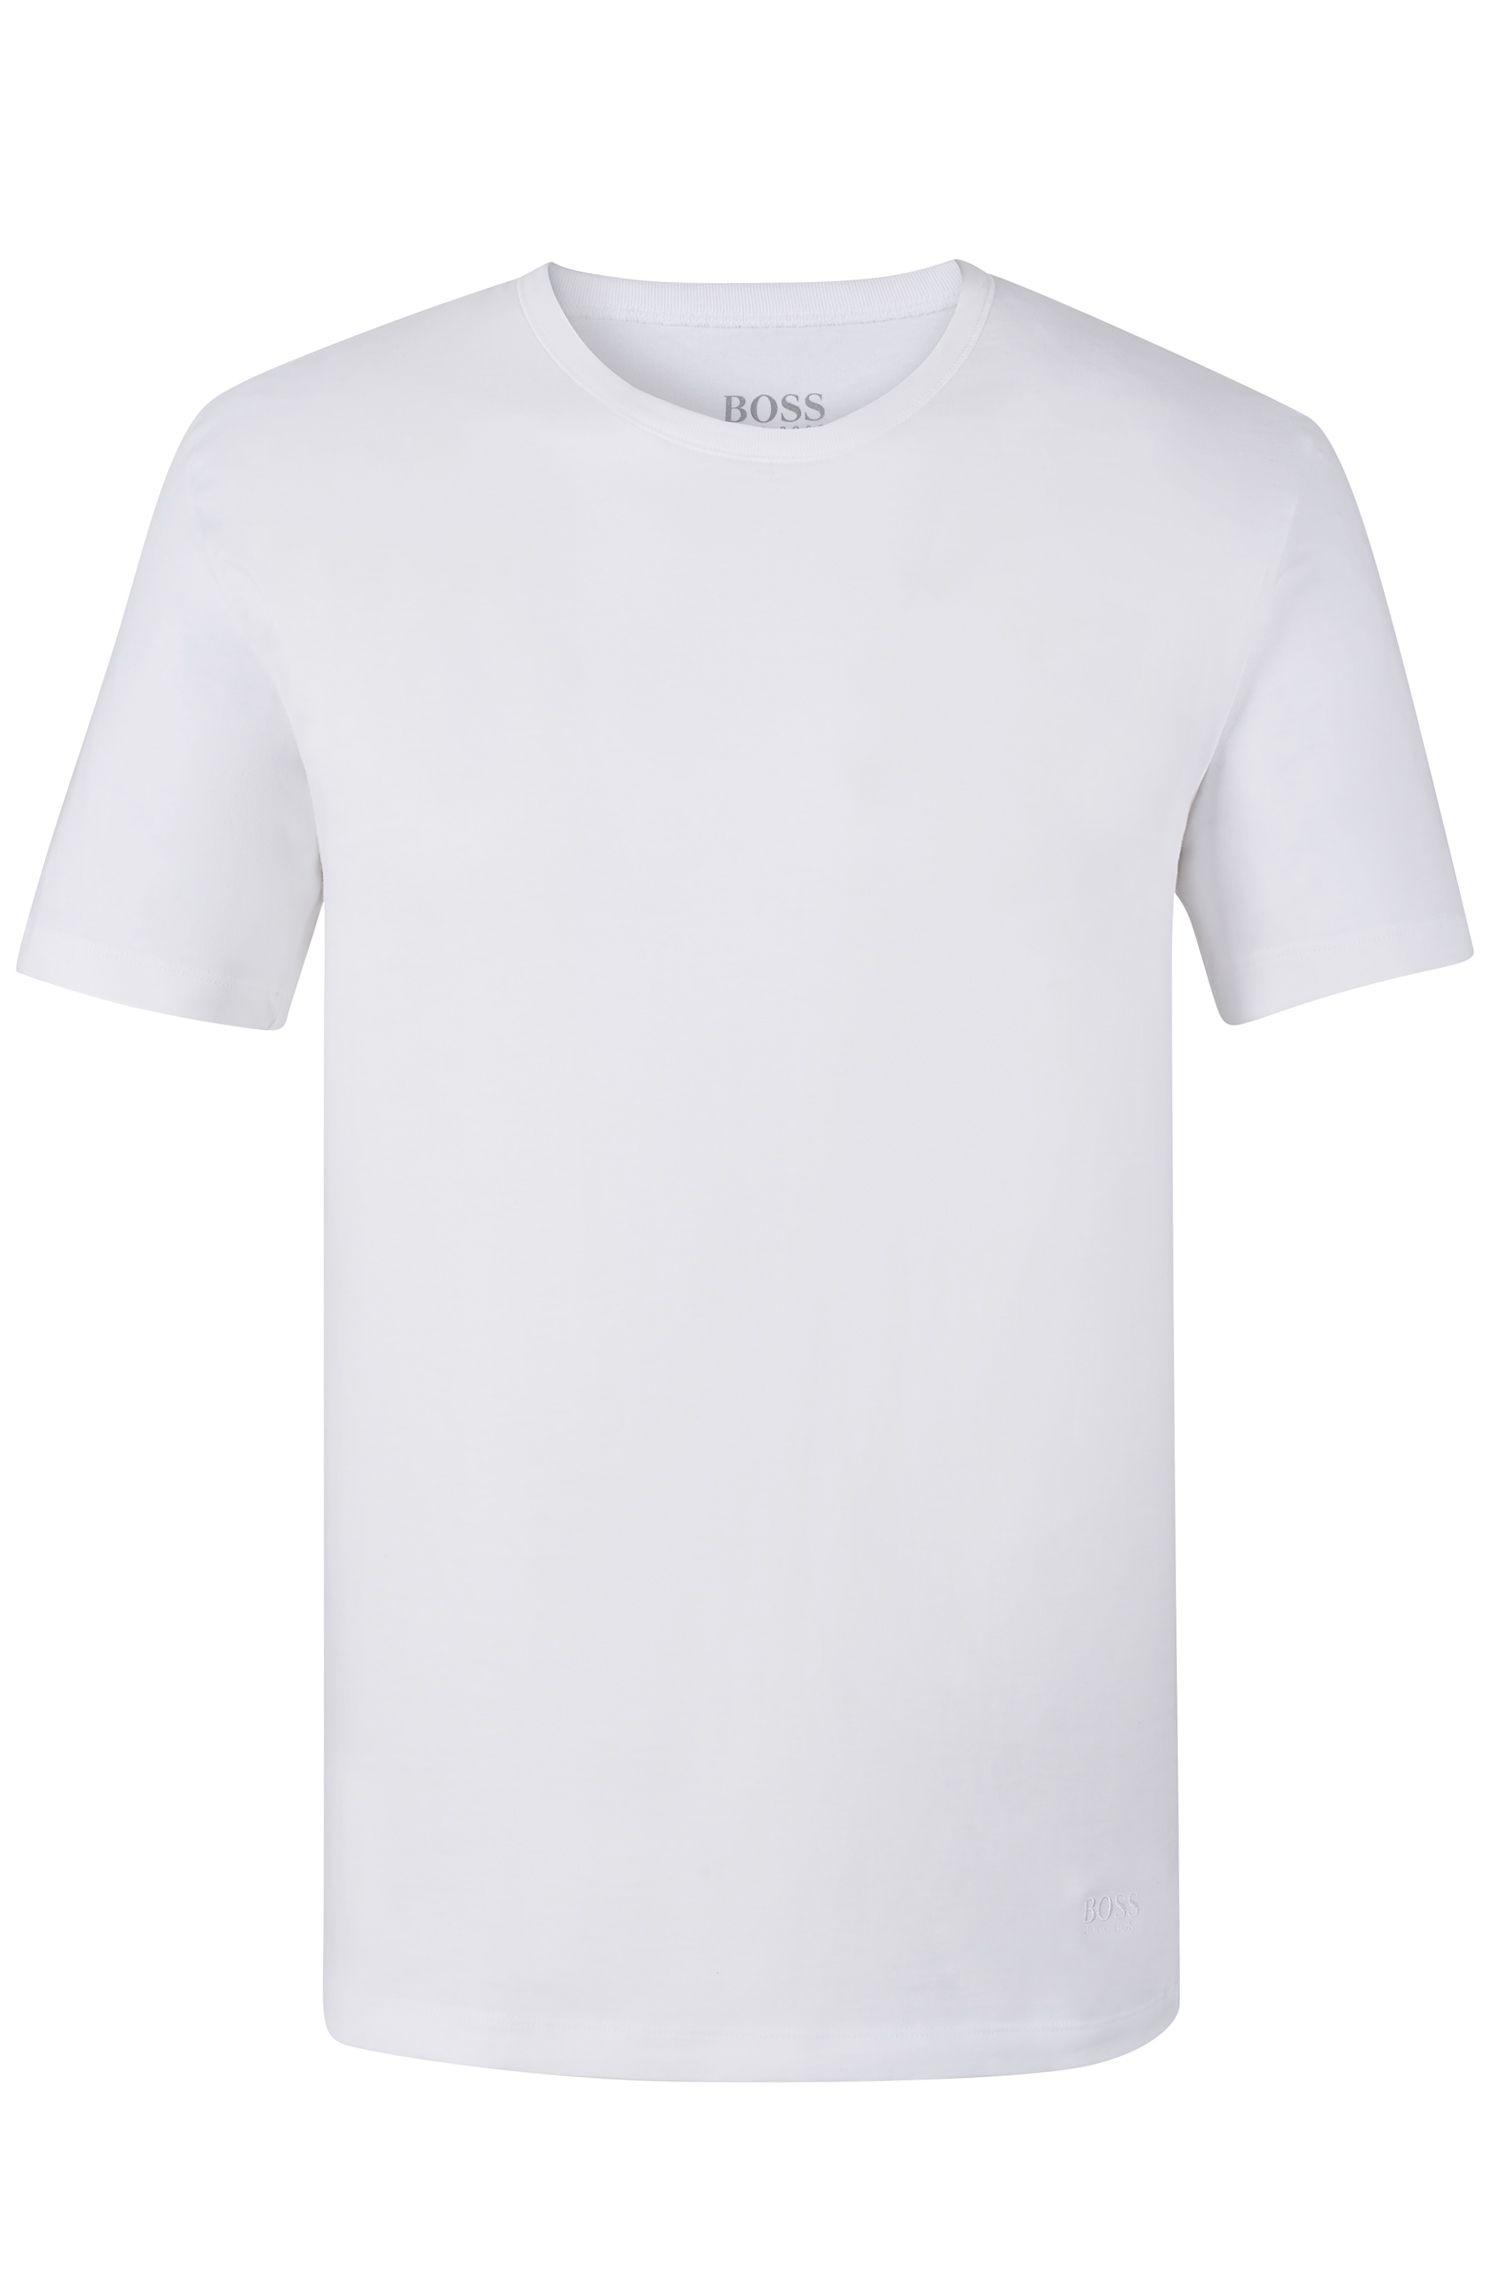 'T-Shirt RN 3P CO'  | Cotton Jersey T-Shirt, 3-Pack